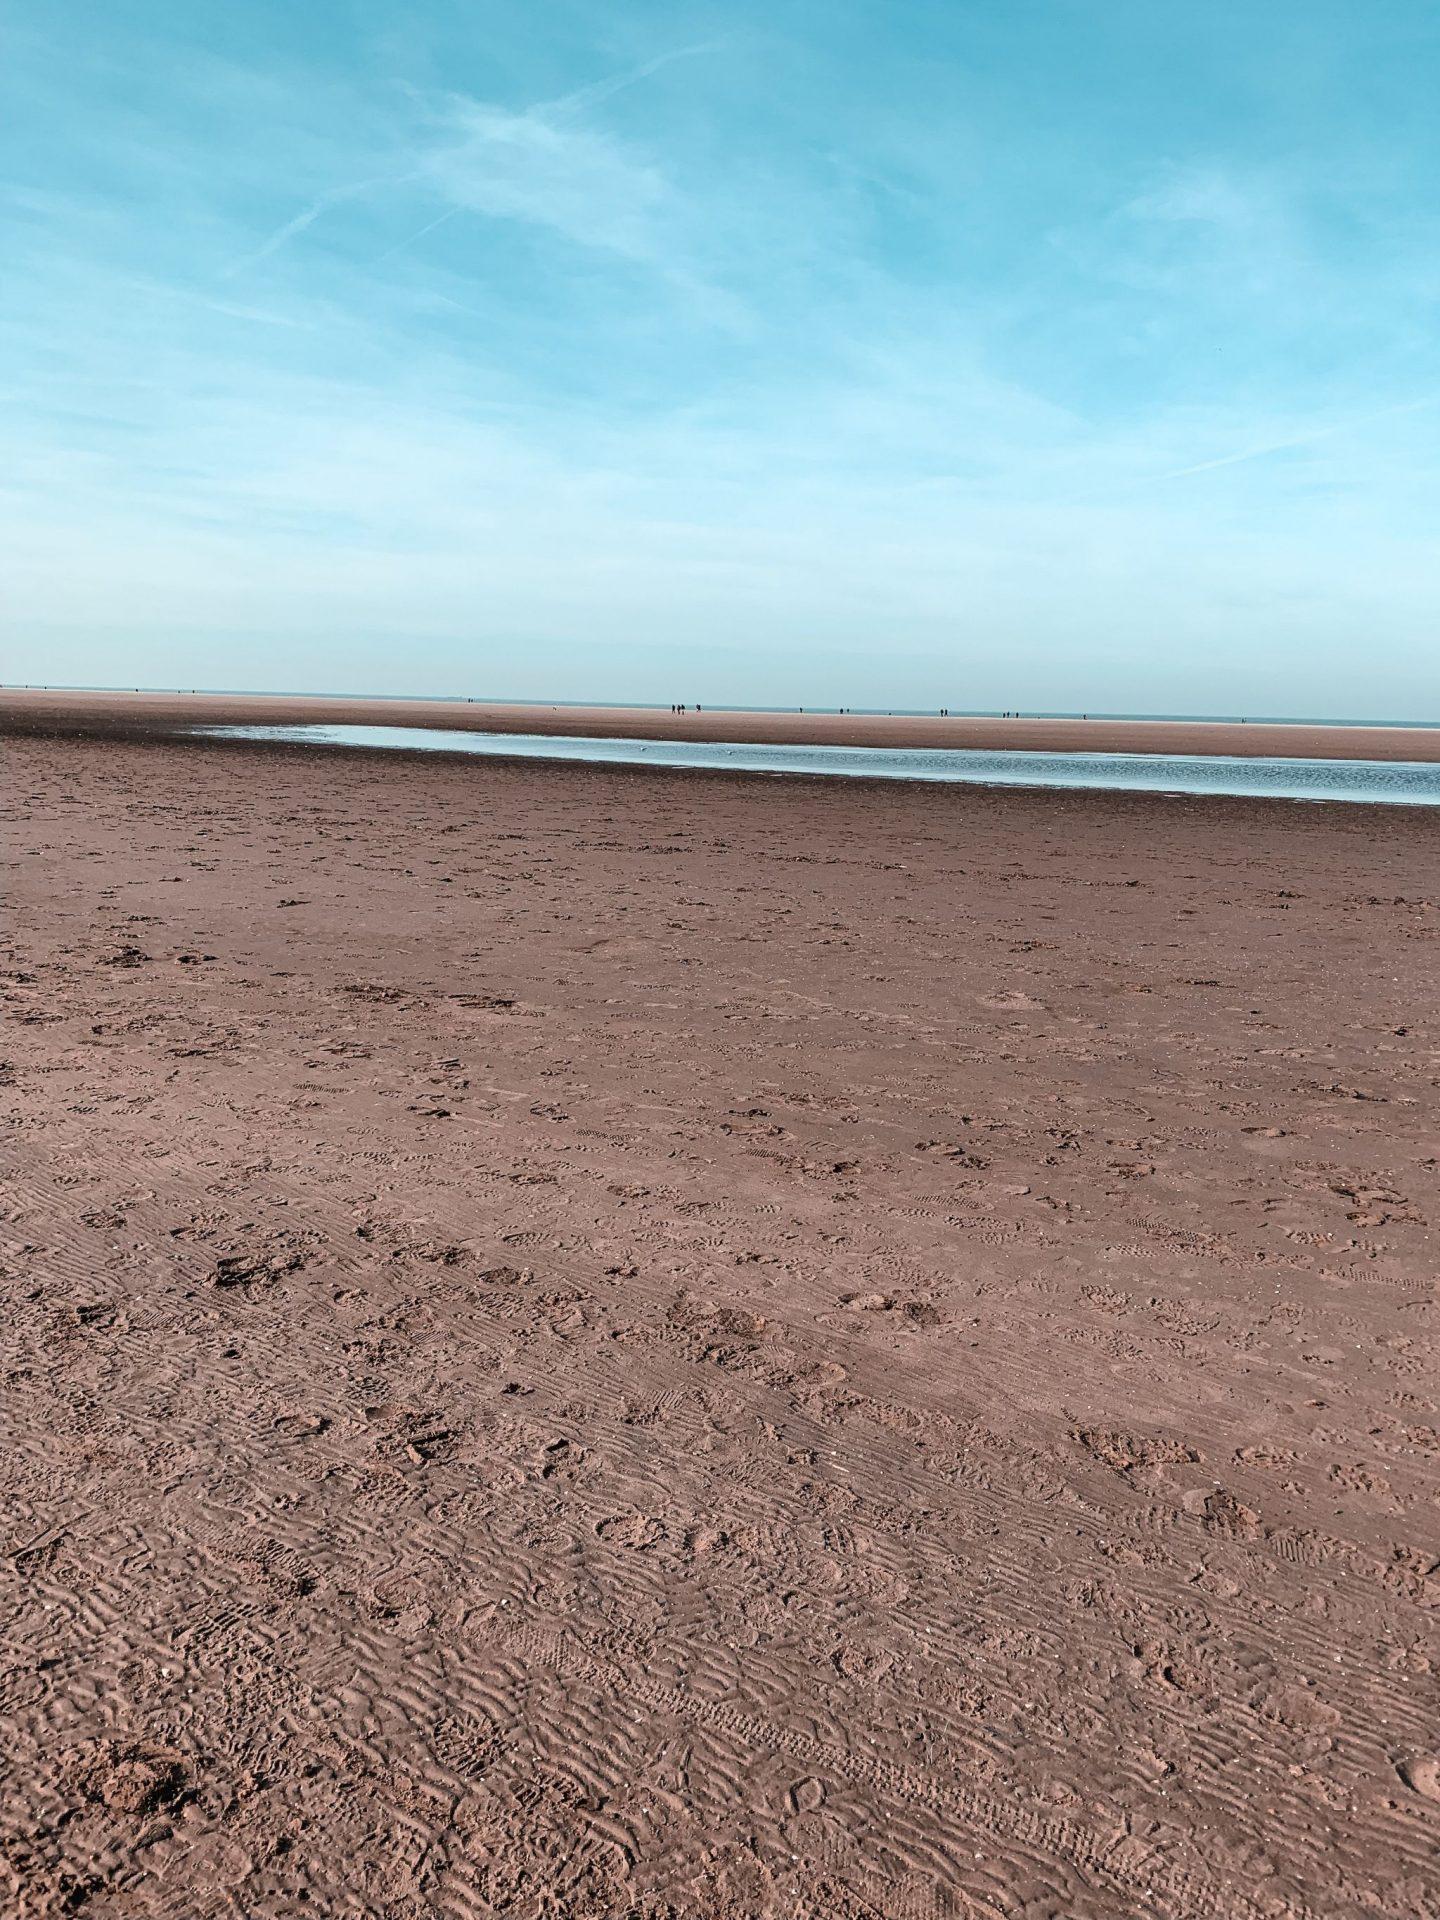 Ocean, beach, sand, blue sky